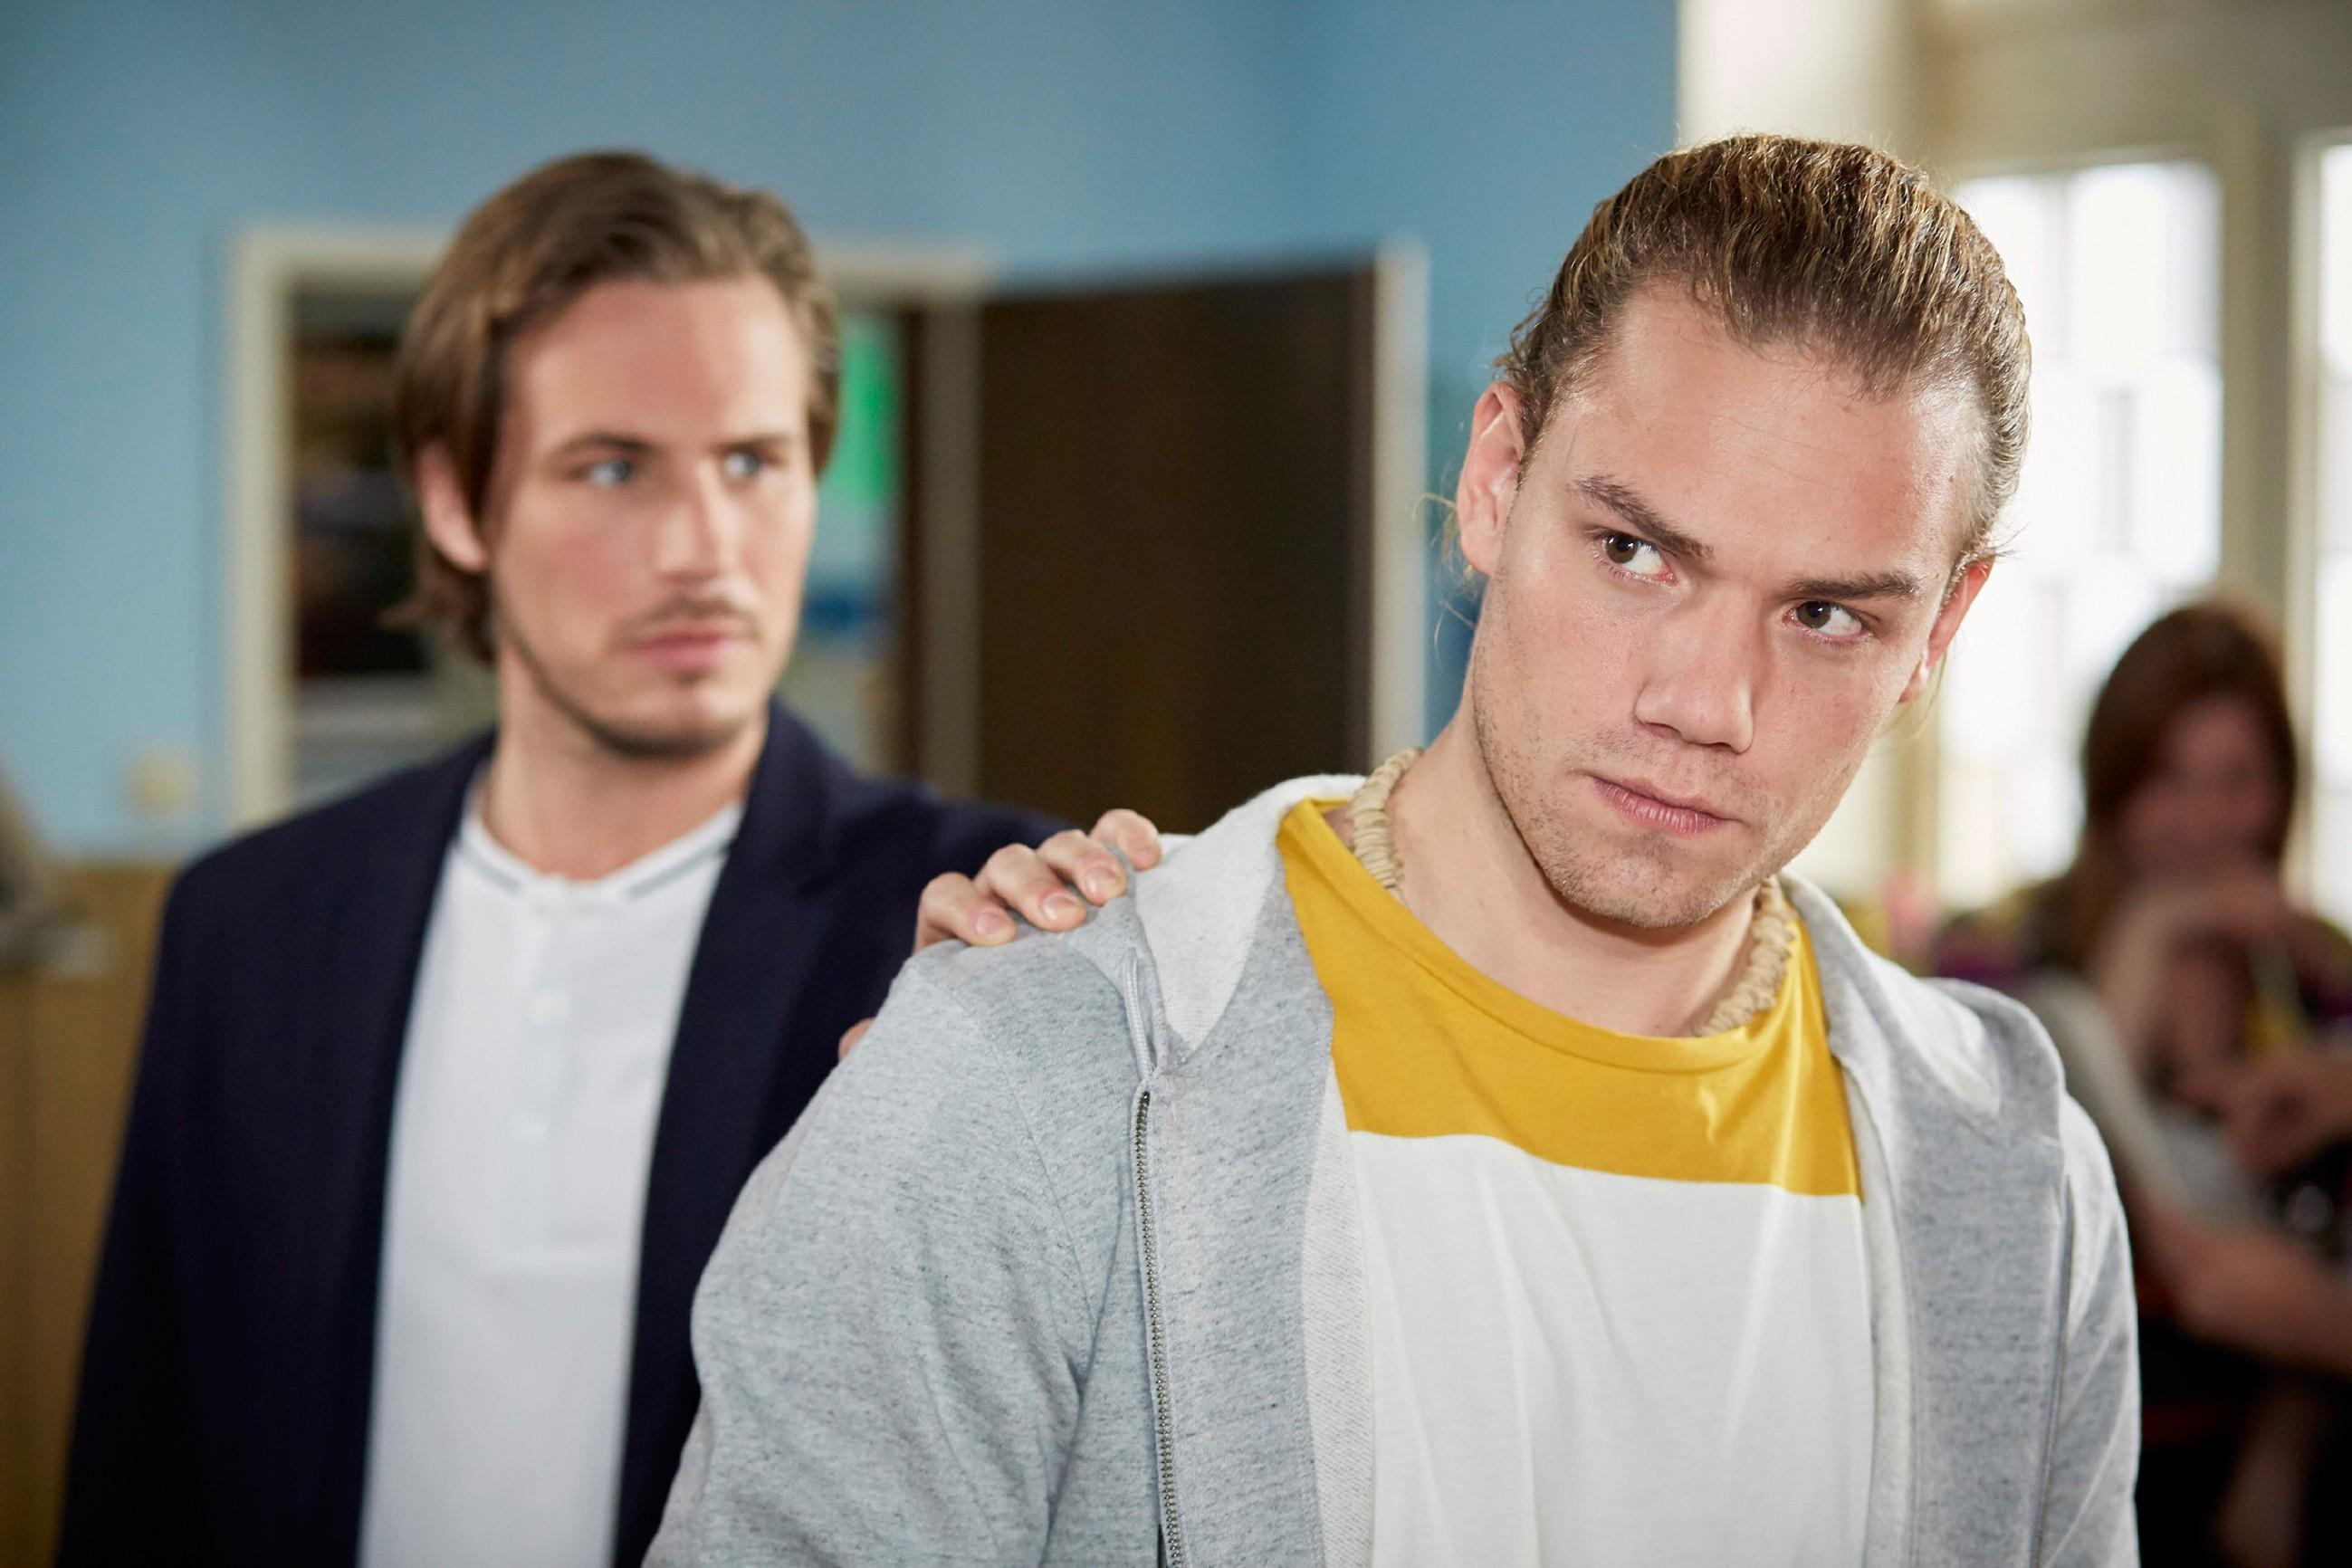 Leo (Julian Bayer, r.) blockt den Vorschlag seines Kumpels Sam (Alexander Milz), mit Drogen zu dealen, entschieden ab.